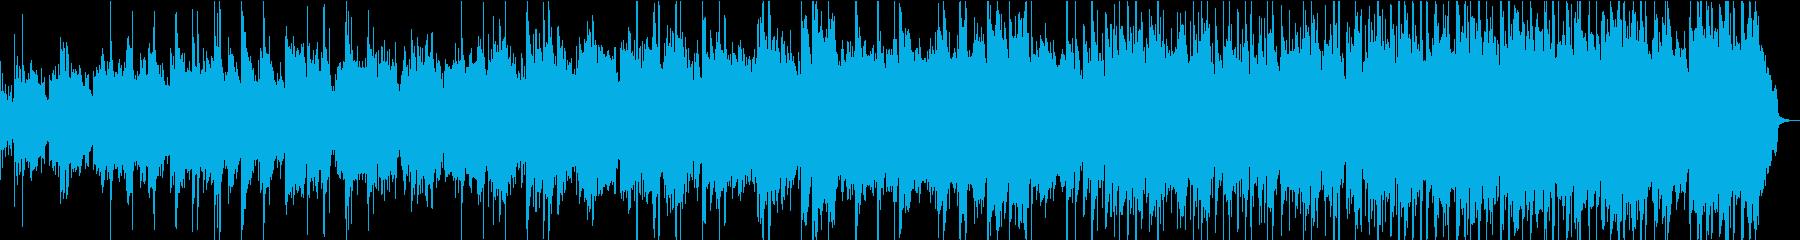 民謡で暖かい曲の再生済みの波形